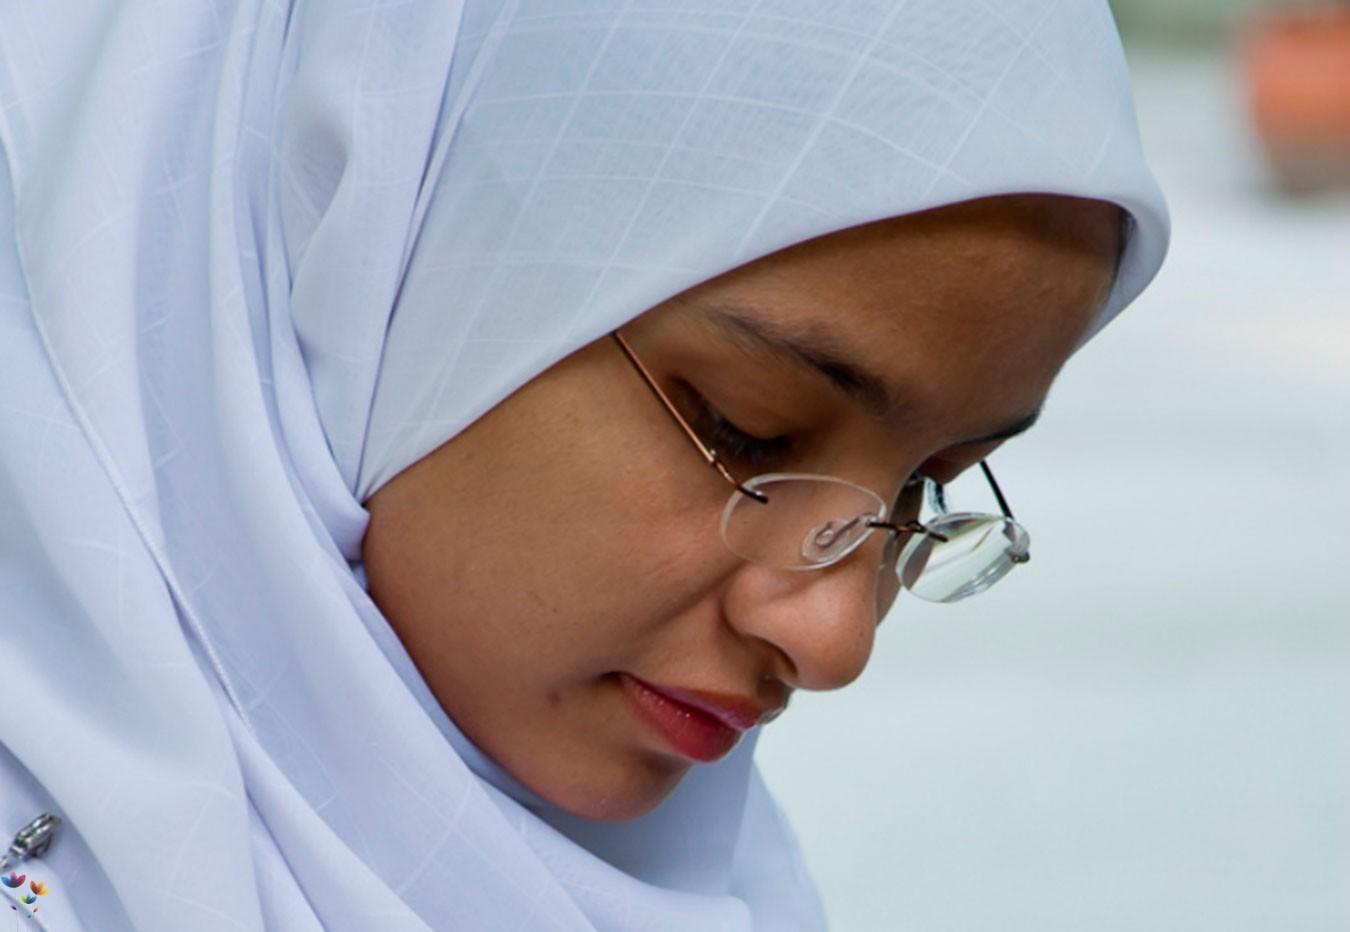 Школьницу-мусульманку не пустили на занятия в Тамбове в соответствии с уставом